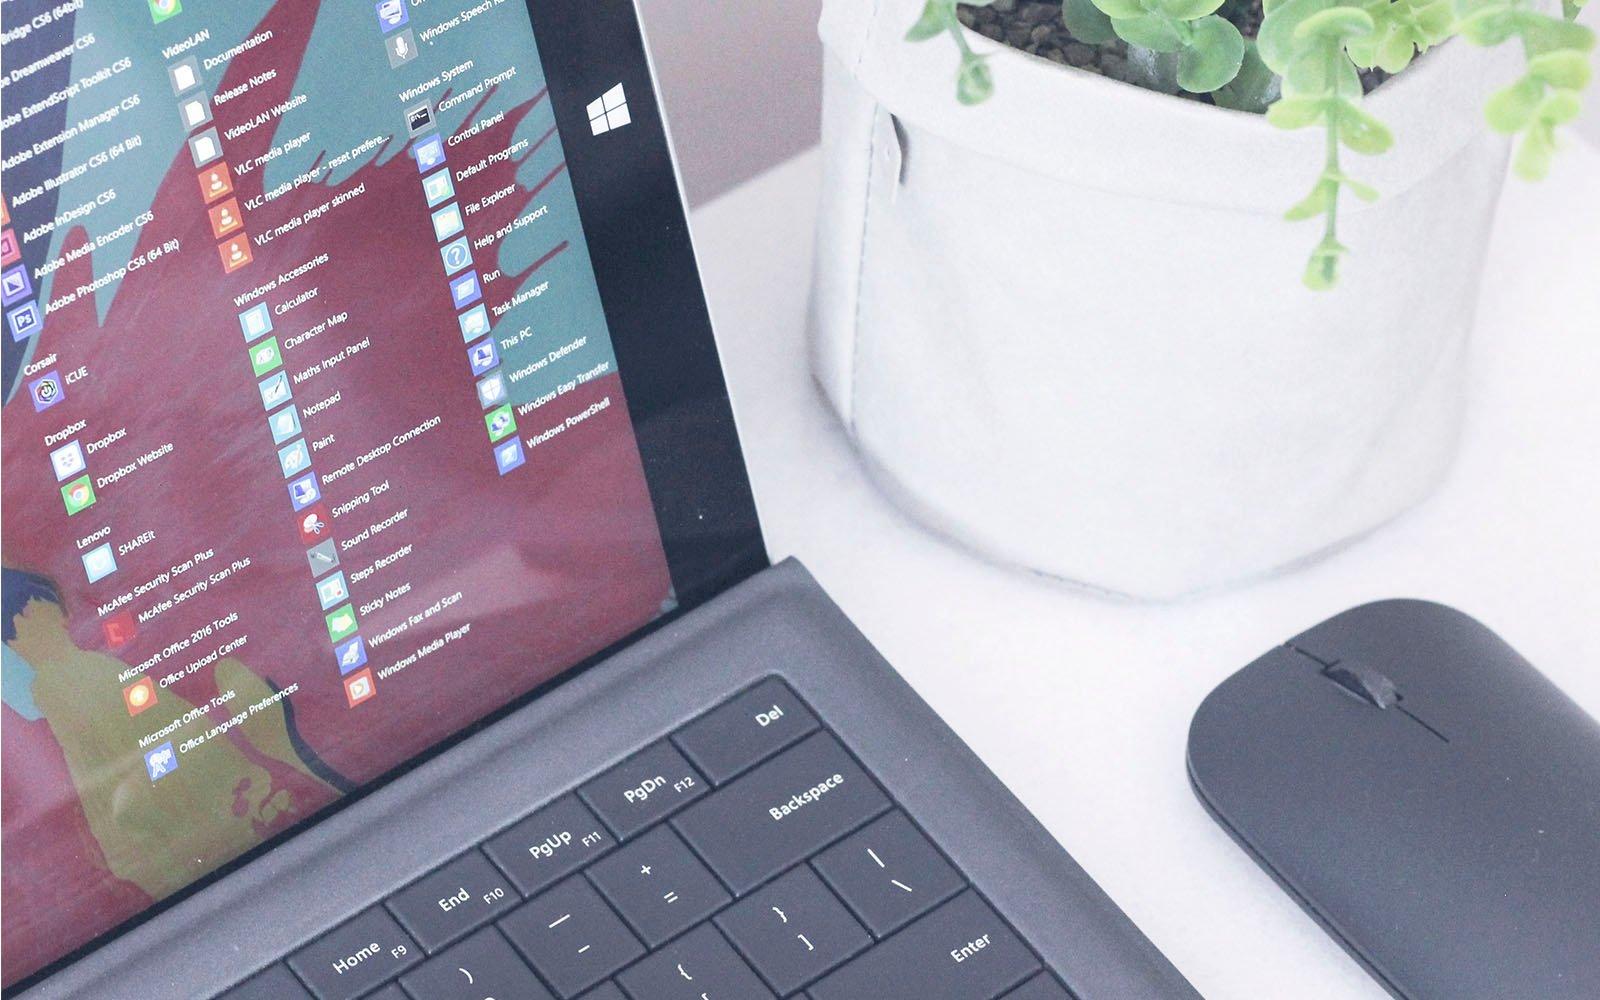 ¿Qué es Office 365 y en qué se diferencia de Microsoft Office?